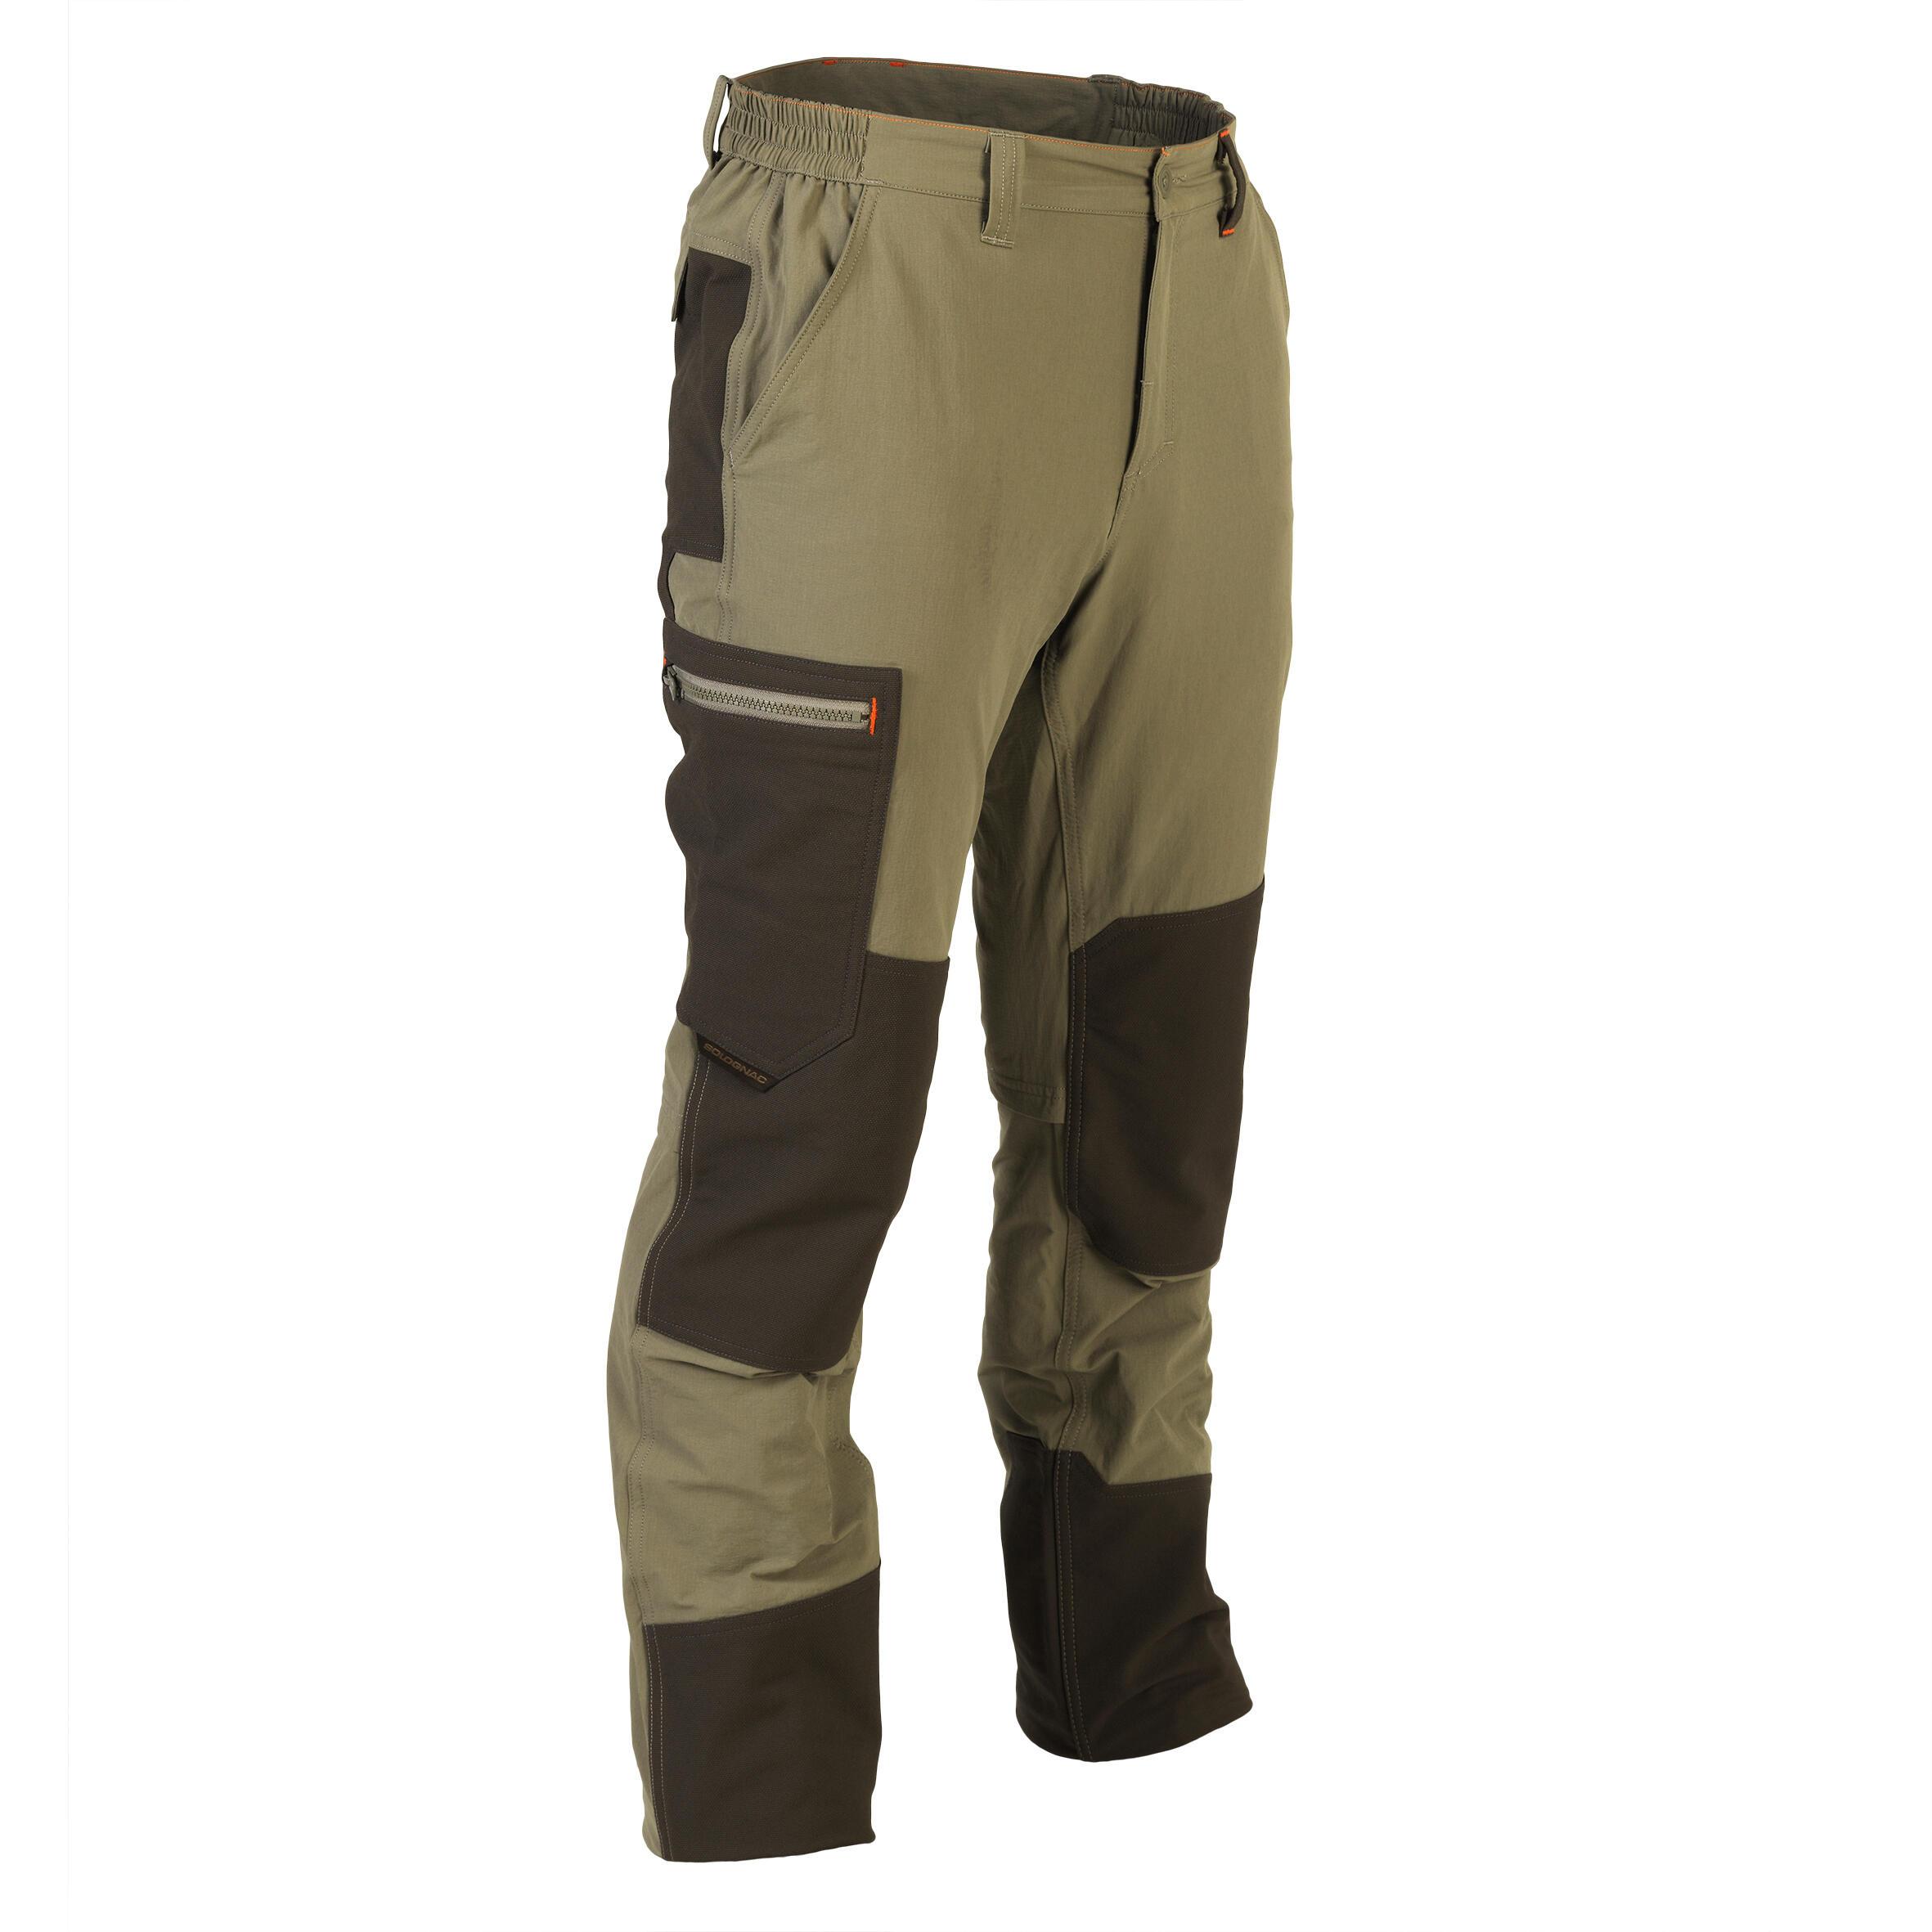 Jagdhose 900 atmungsaktiv und strapazierfähig grün | Sportbekleidung > Sporthosen > Trekkinghosen | Solognac